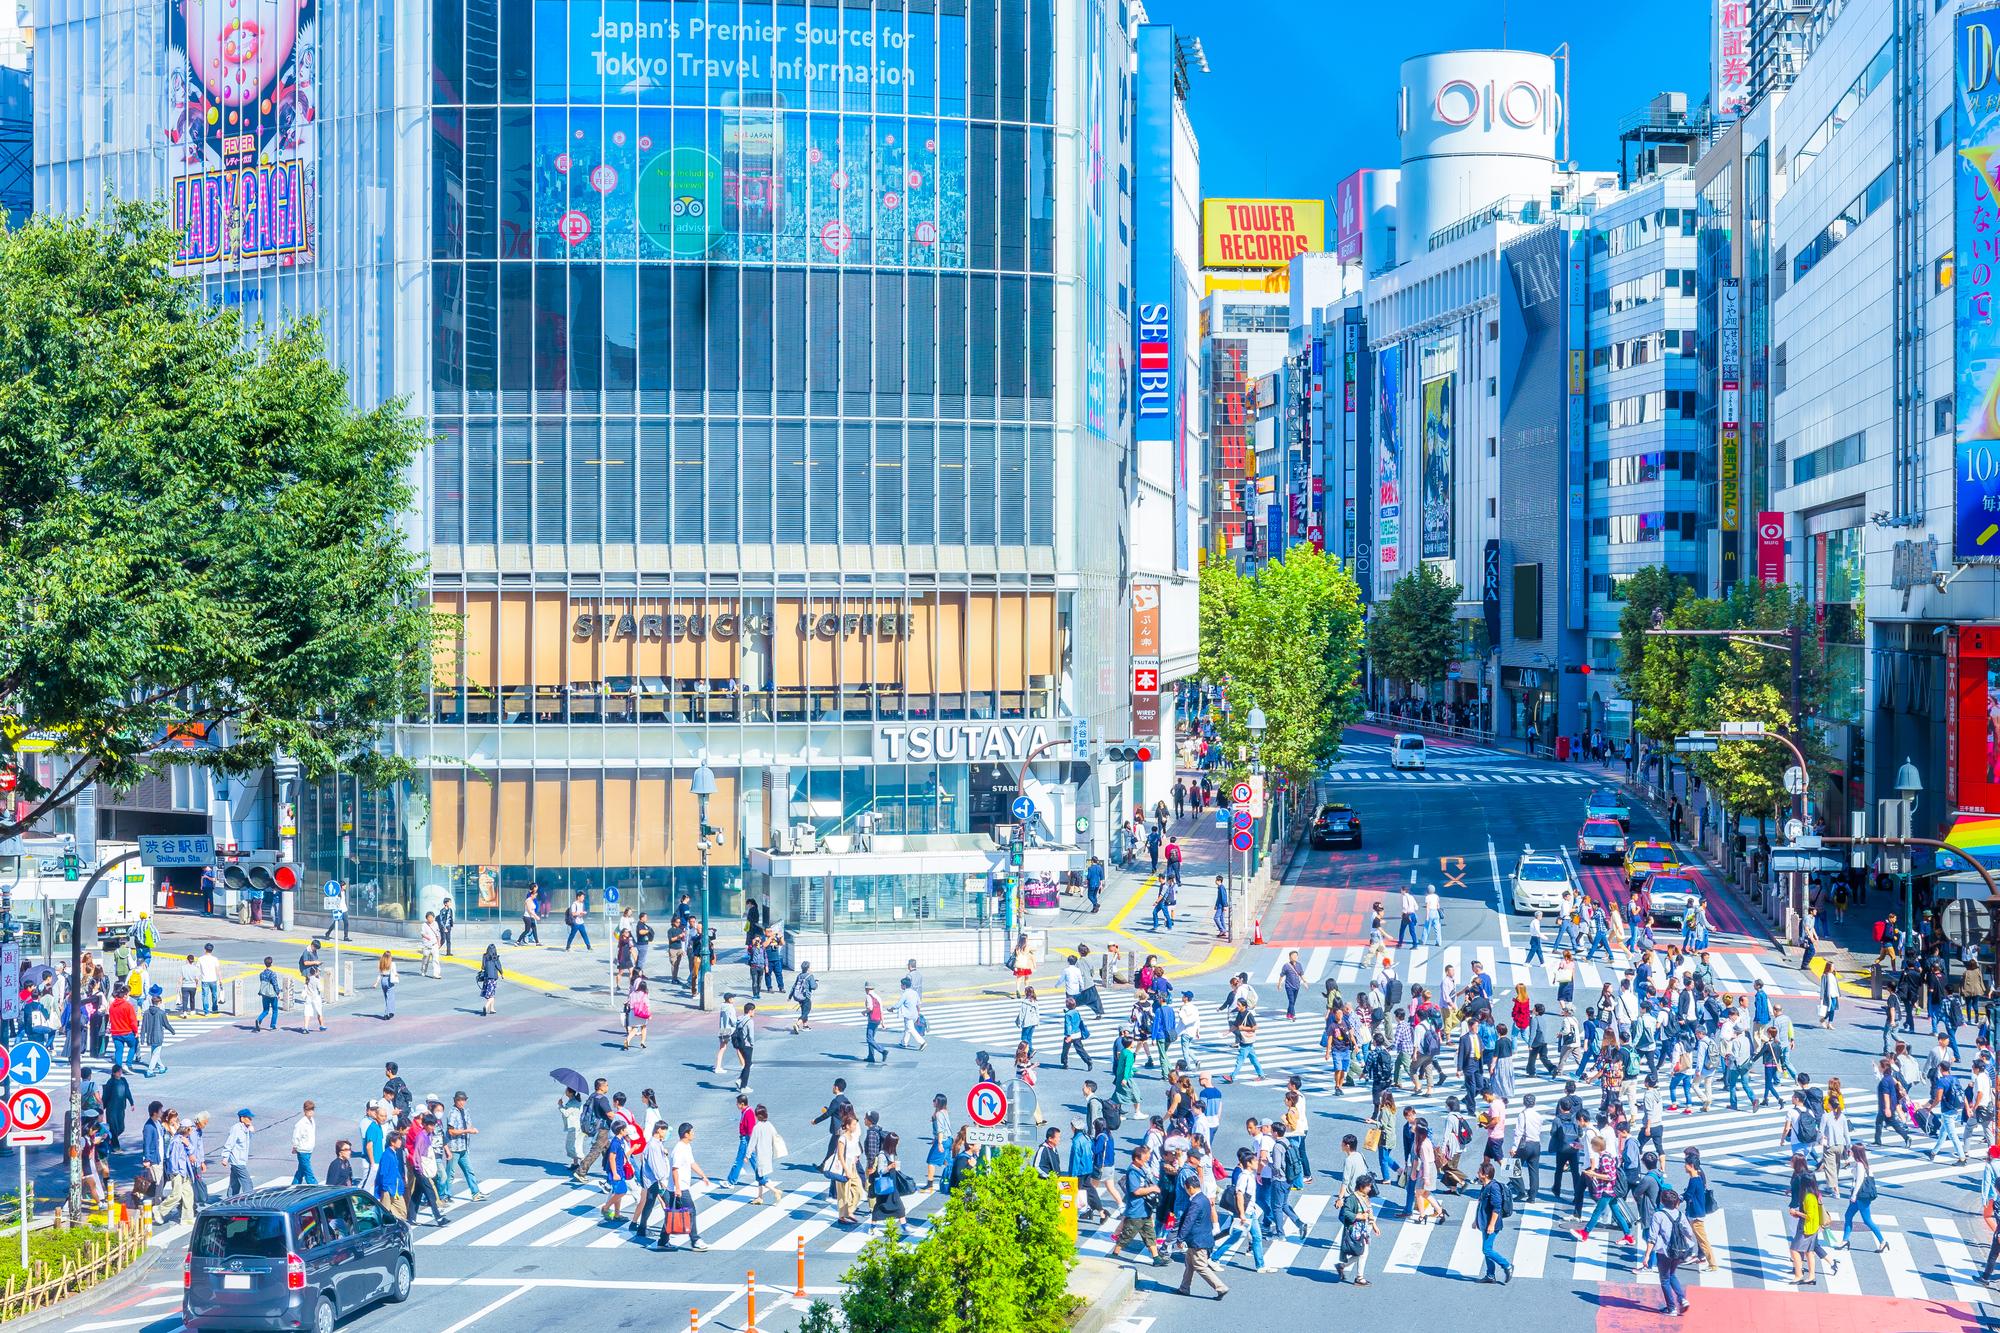 【今日から】ただでさえ迷う渋谷駅、東急・東京メトロの出口番号が変更! 迷子にならない覚え方は?